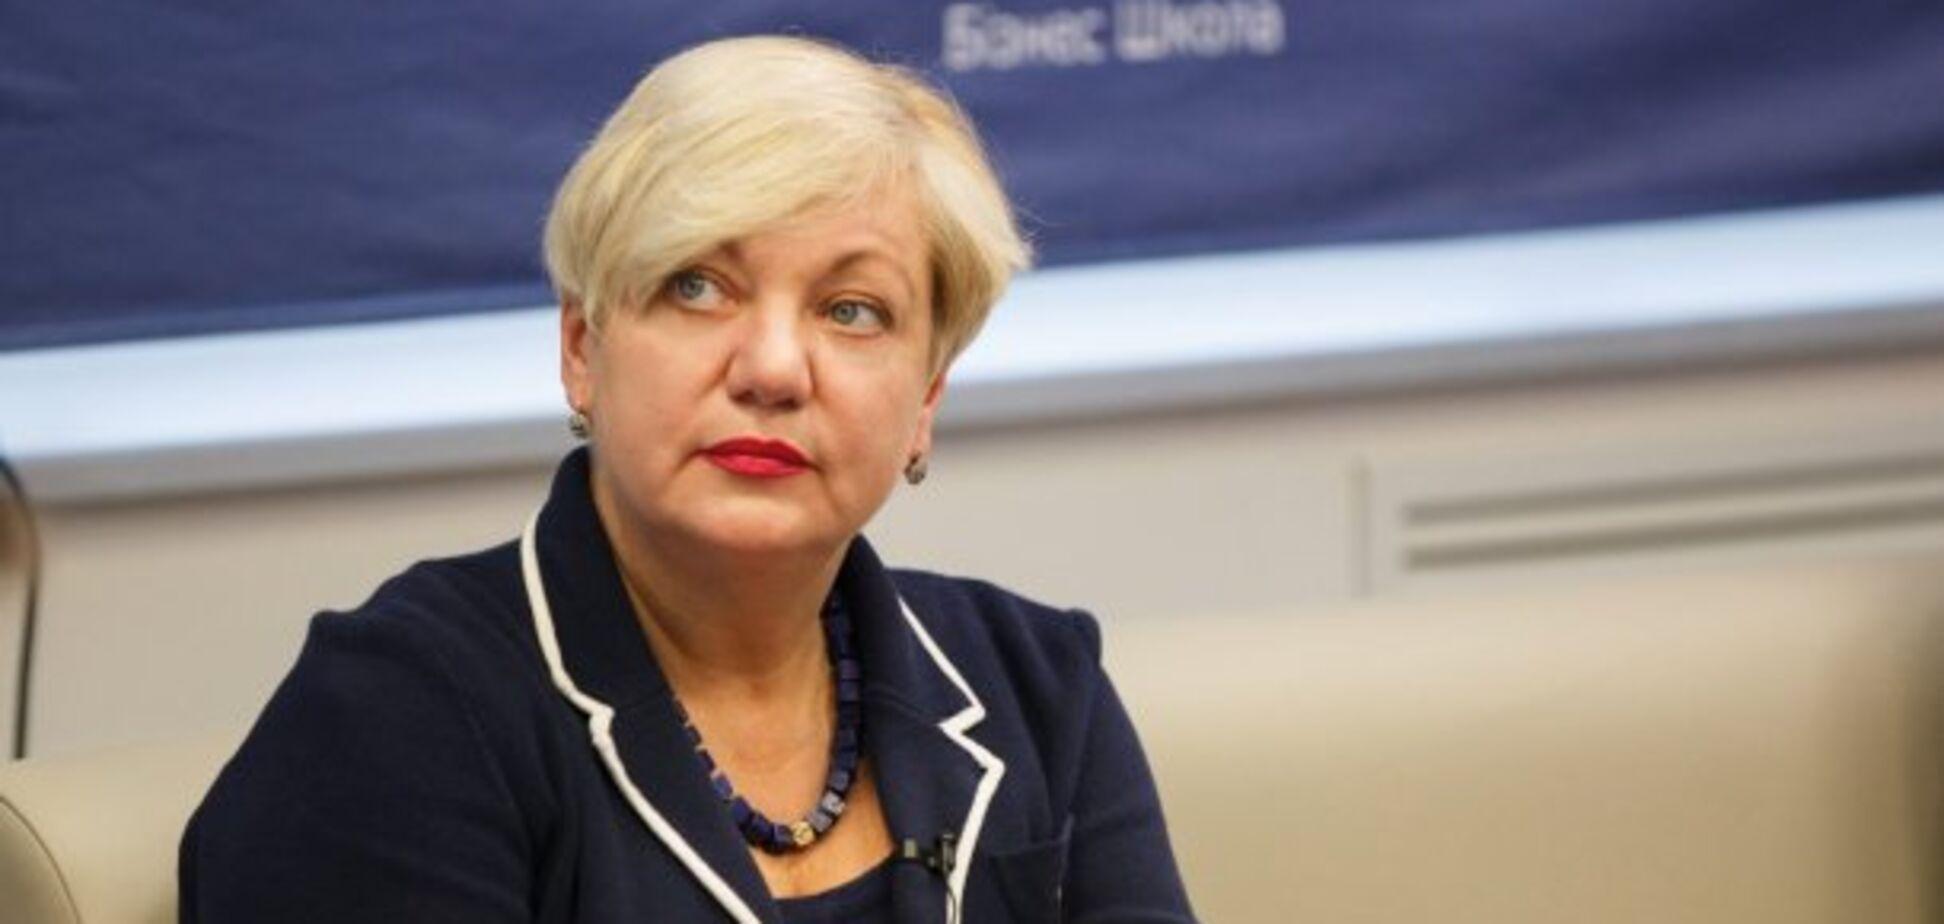 Рабинович: Гонтарева украла у страны 177 миллиардов, а ее проводили как героя